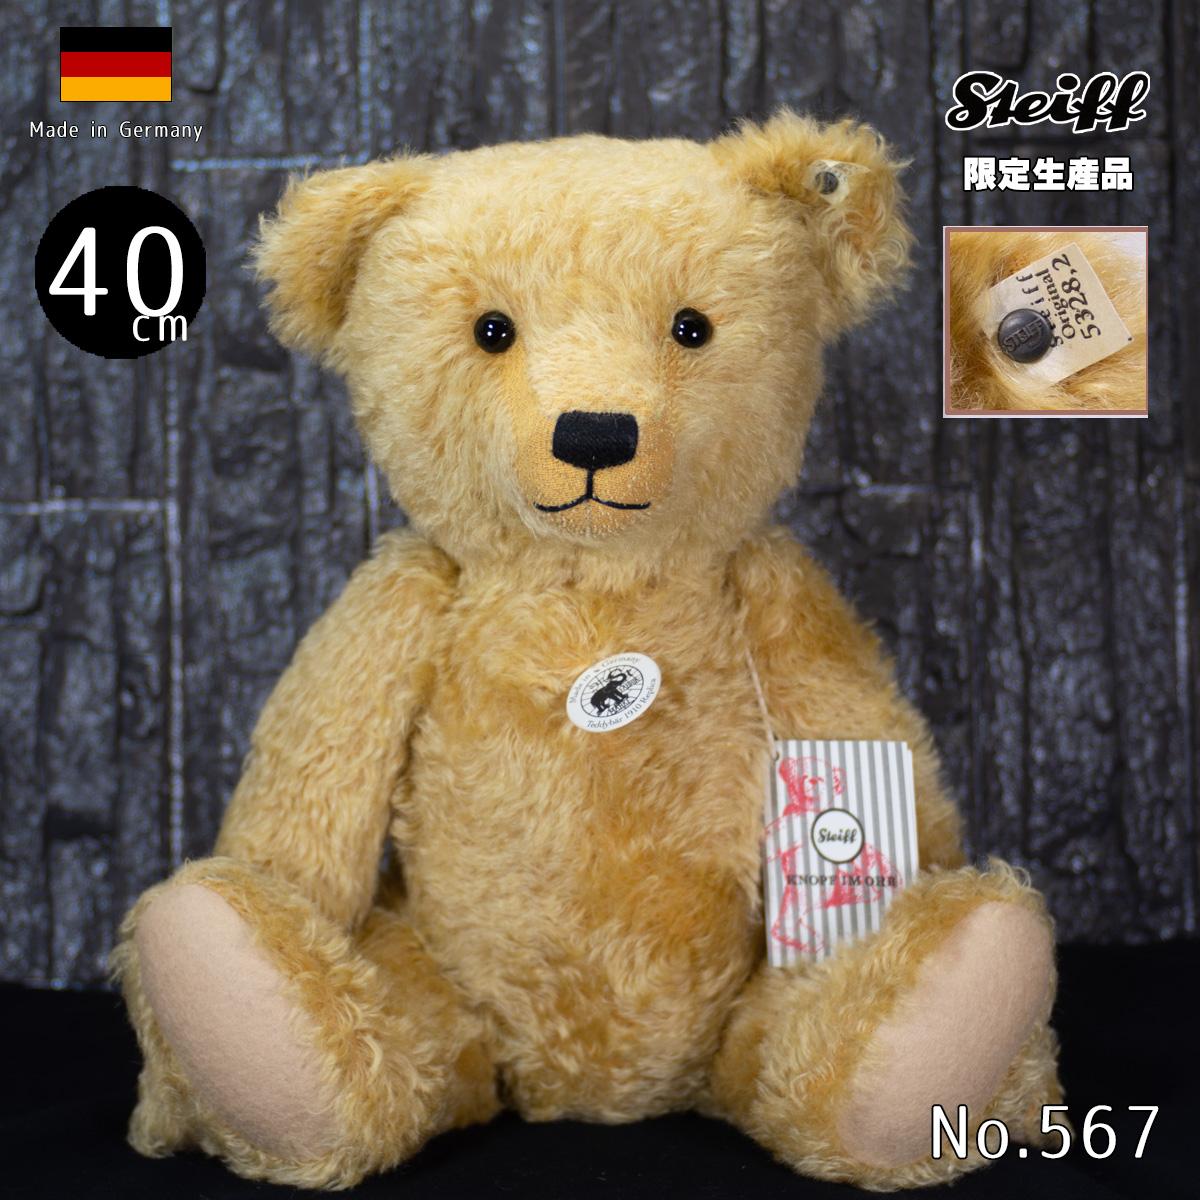 シュタイフ テディベア Steiff 世界限定テディベア レプリカ1910 Replica Teddy bear 1910